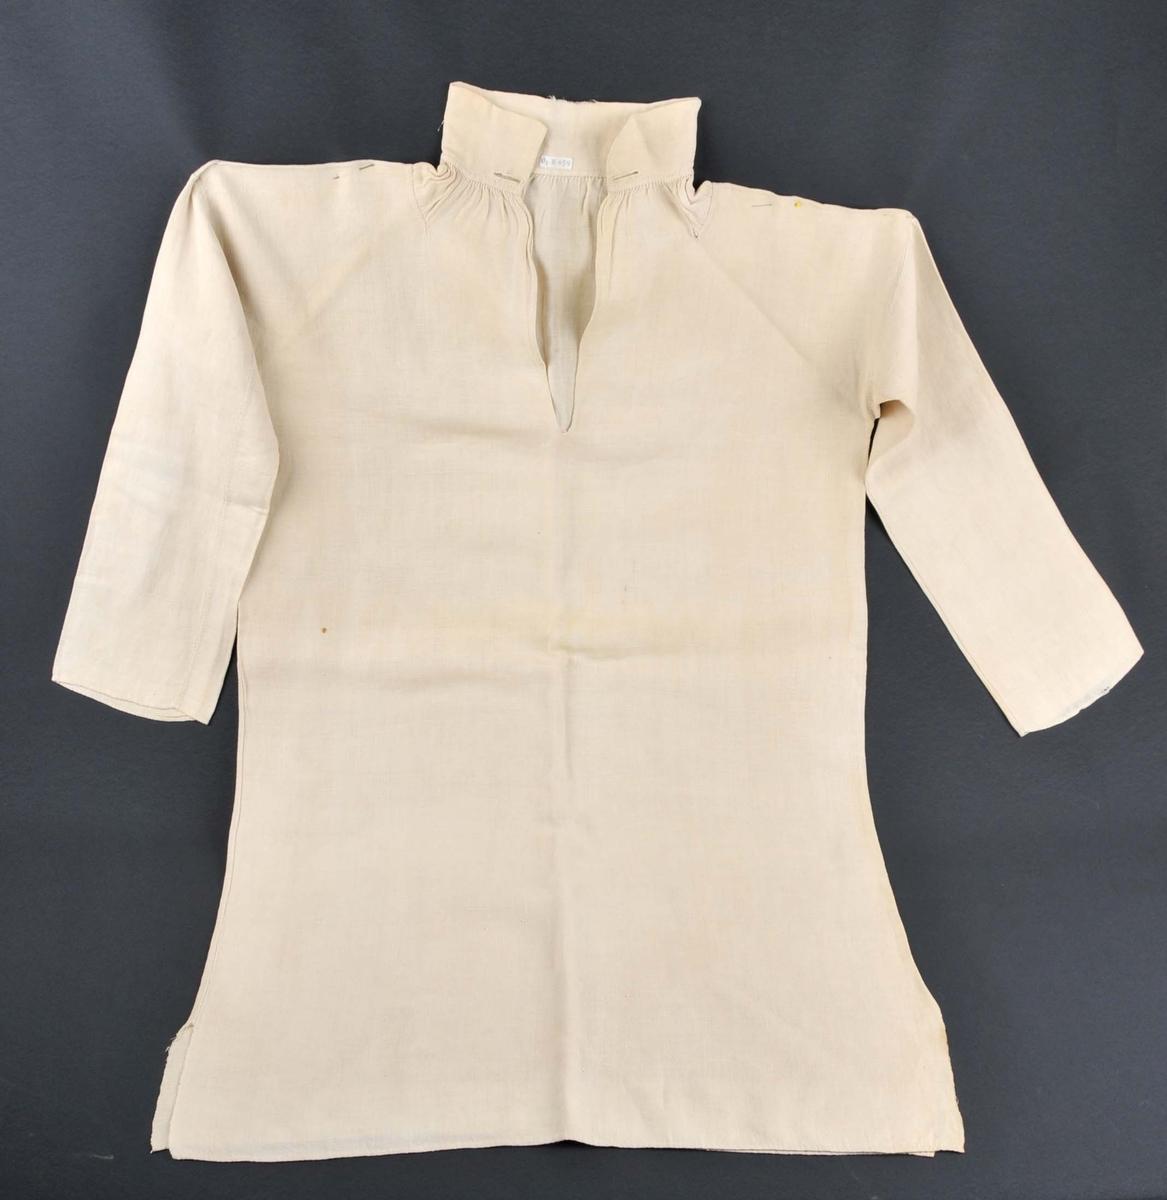 Handsydd herreskjorte med splitt midt framme. Bolbredda er lik vevbredda og er sydd saman med attersting. Skjorta har halslinning, skulderklutar, lask under armane og splitt i båe sider i nedre kant. Høgre arm er skøyta saman på langs av to stoffbredder. Armane og skuldestykka er samansydd med attersting, bretta smalt tilbake og sydd inntil med kastesting (=indresaum). To knapphol i begge endane, ein synleg rynketråd og  to rader med attersting nederst ved rynkinga på halslinnninga.